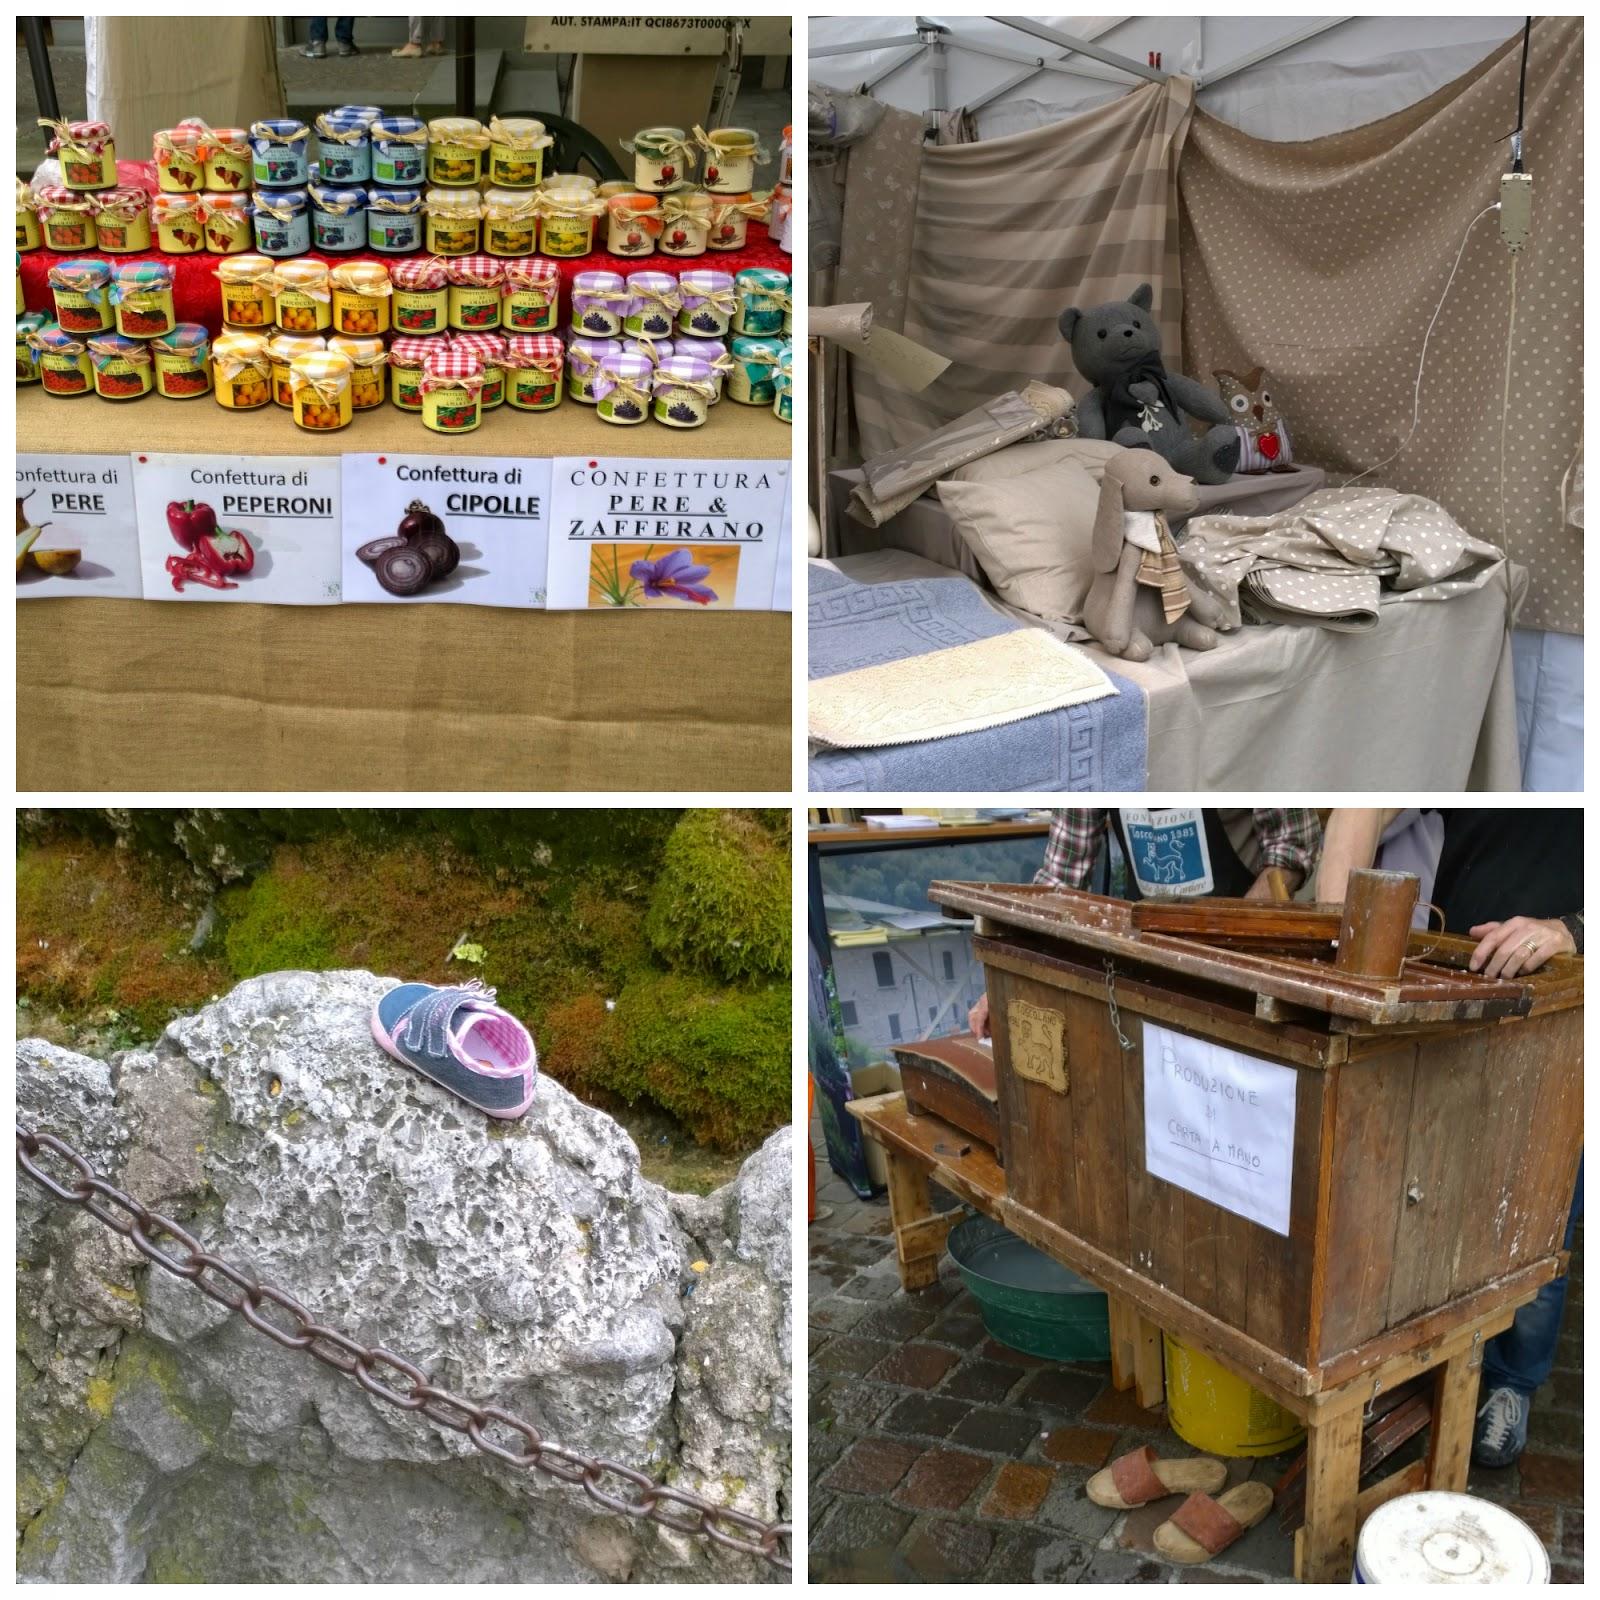 confettura, pelush, scarpa bambini, produzione di carta a mano